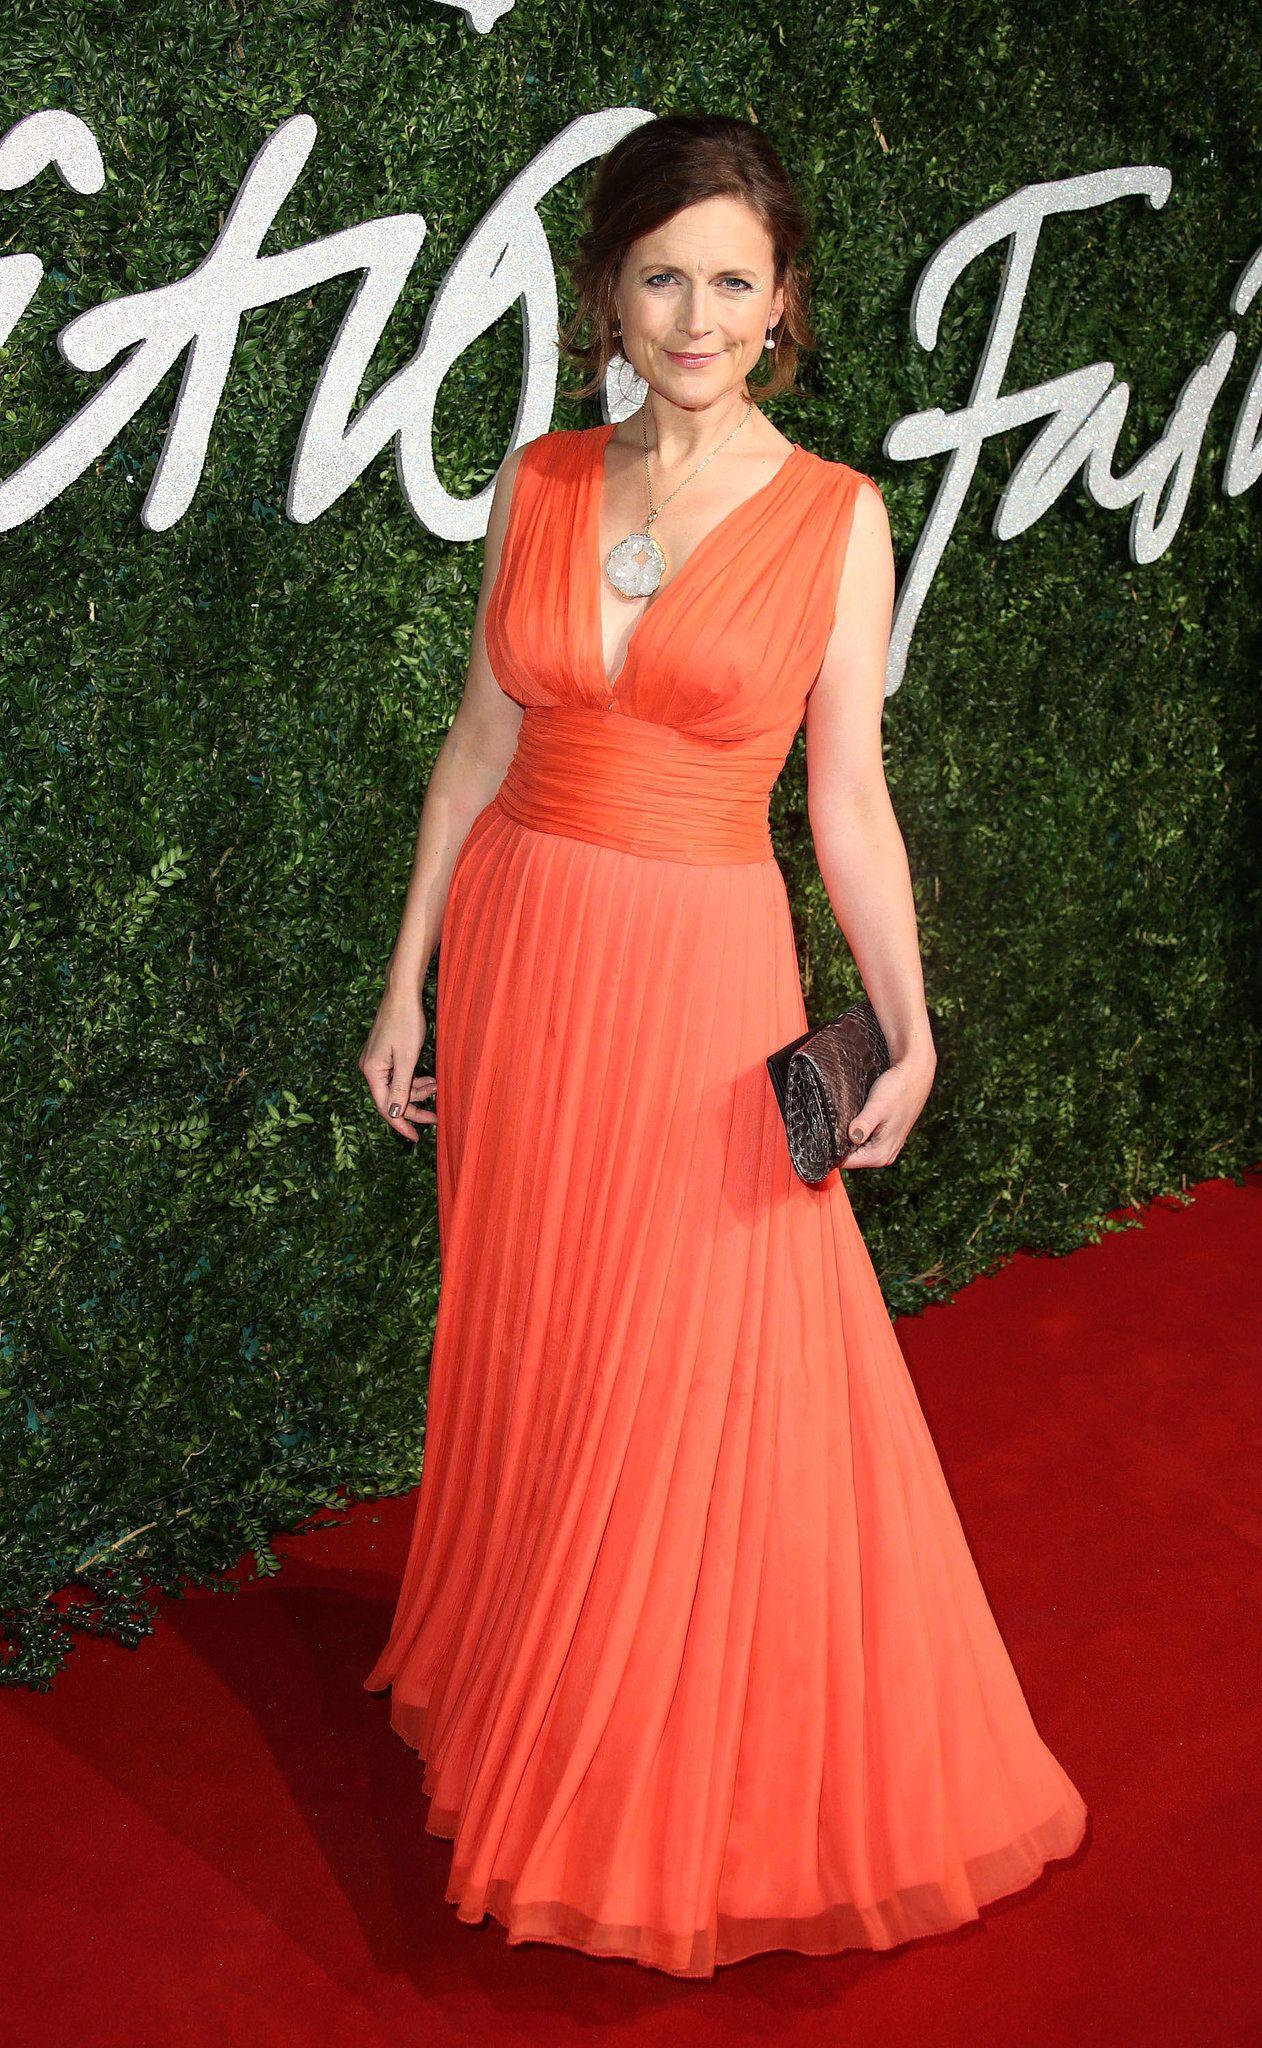 Katie Derham En Vogue Katie Derham British Fashion